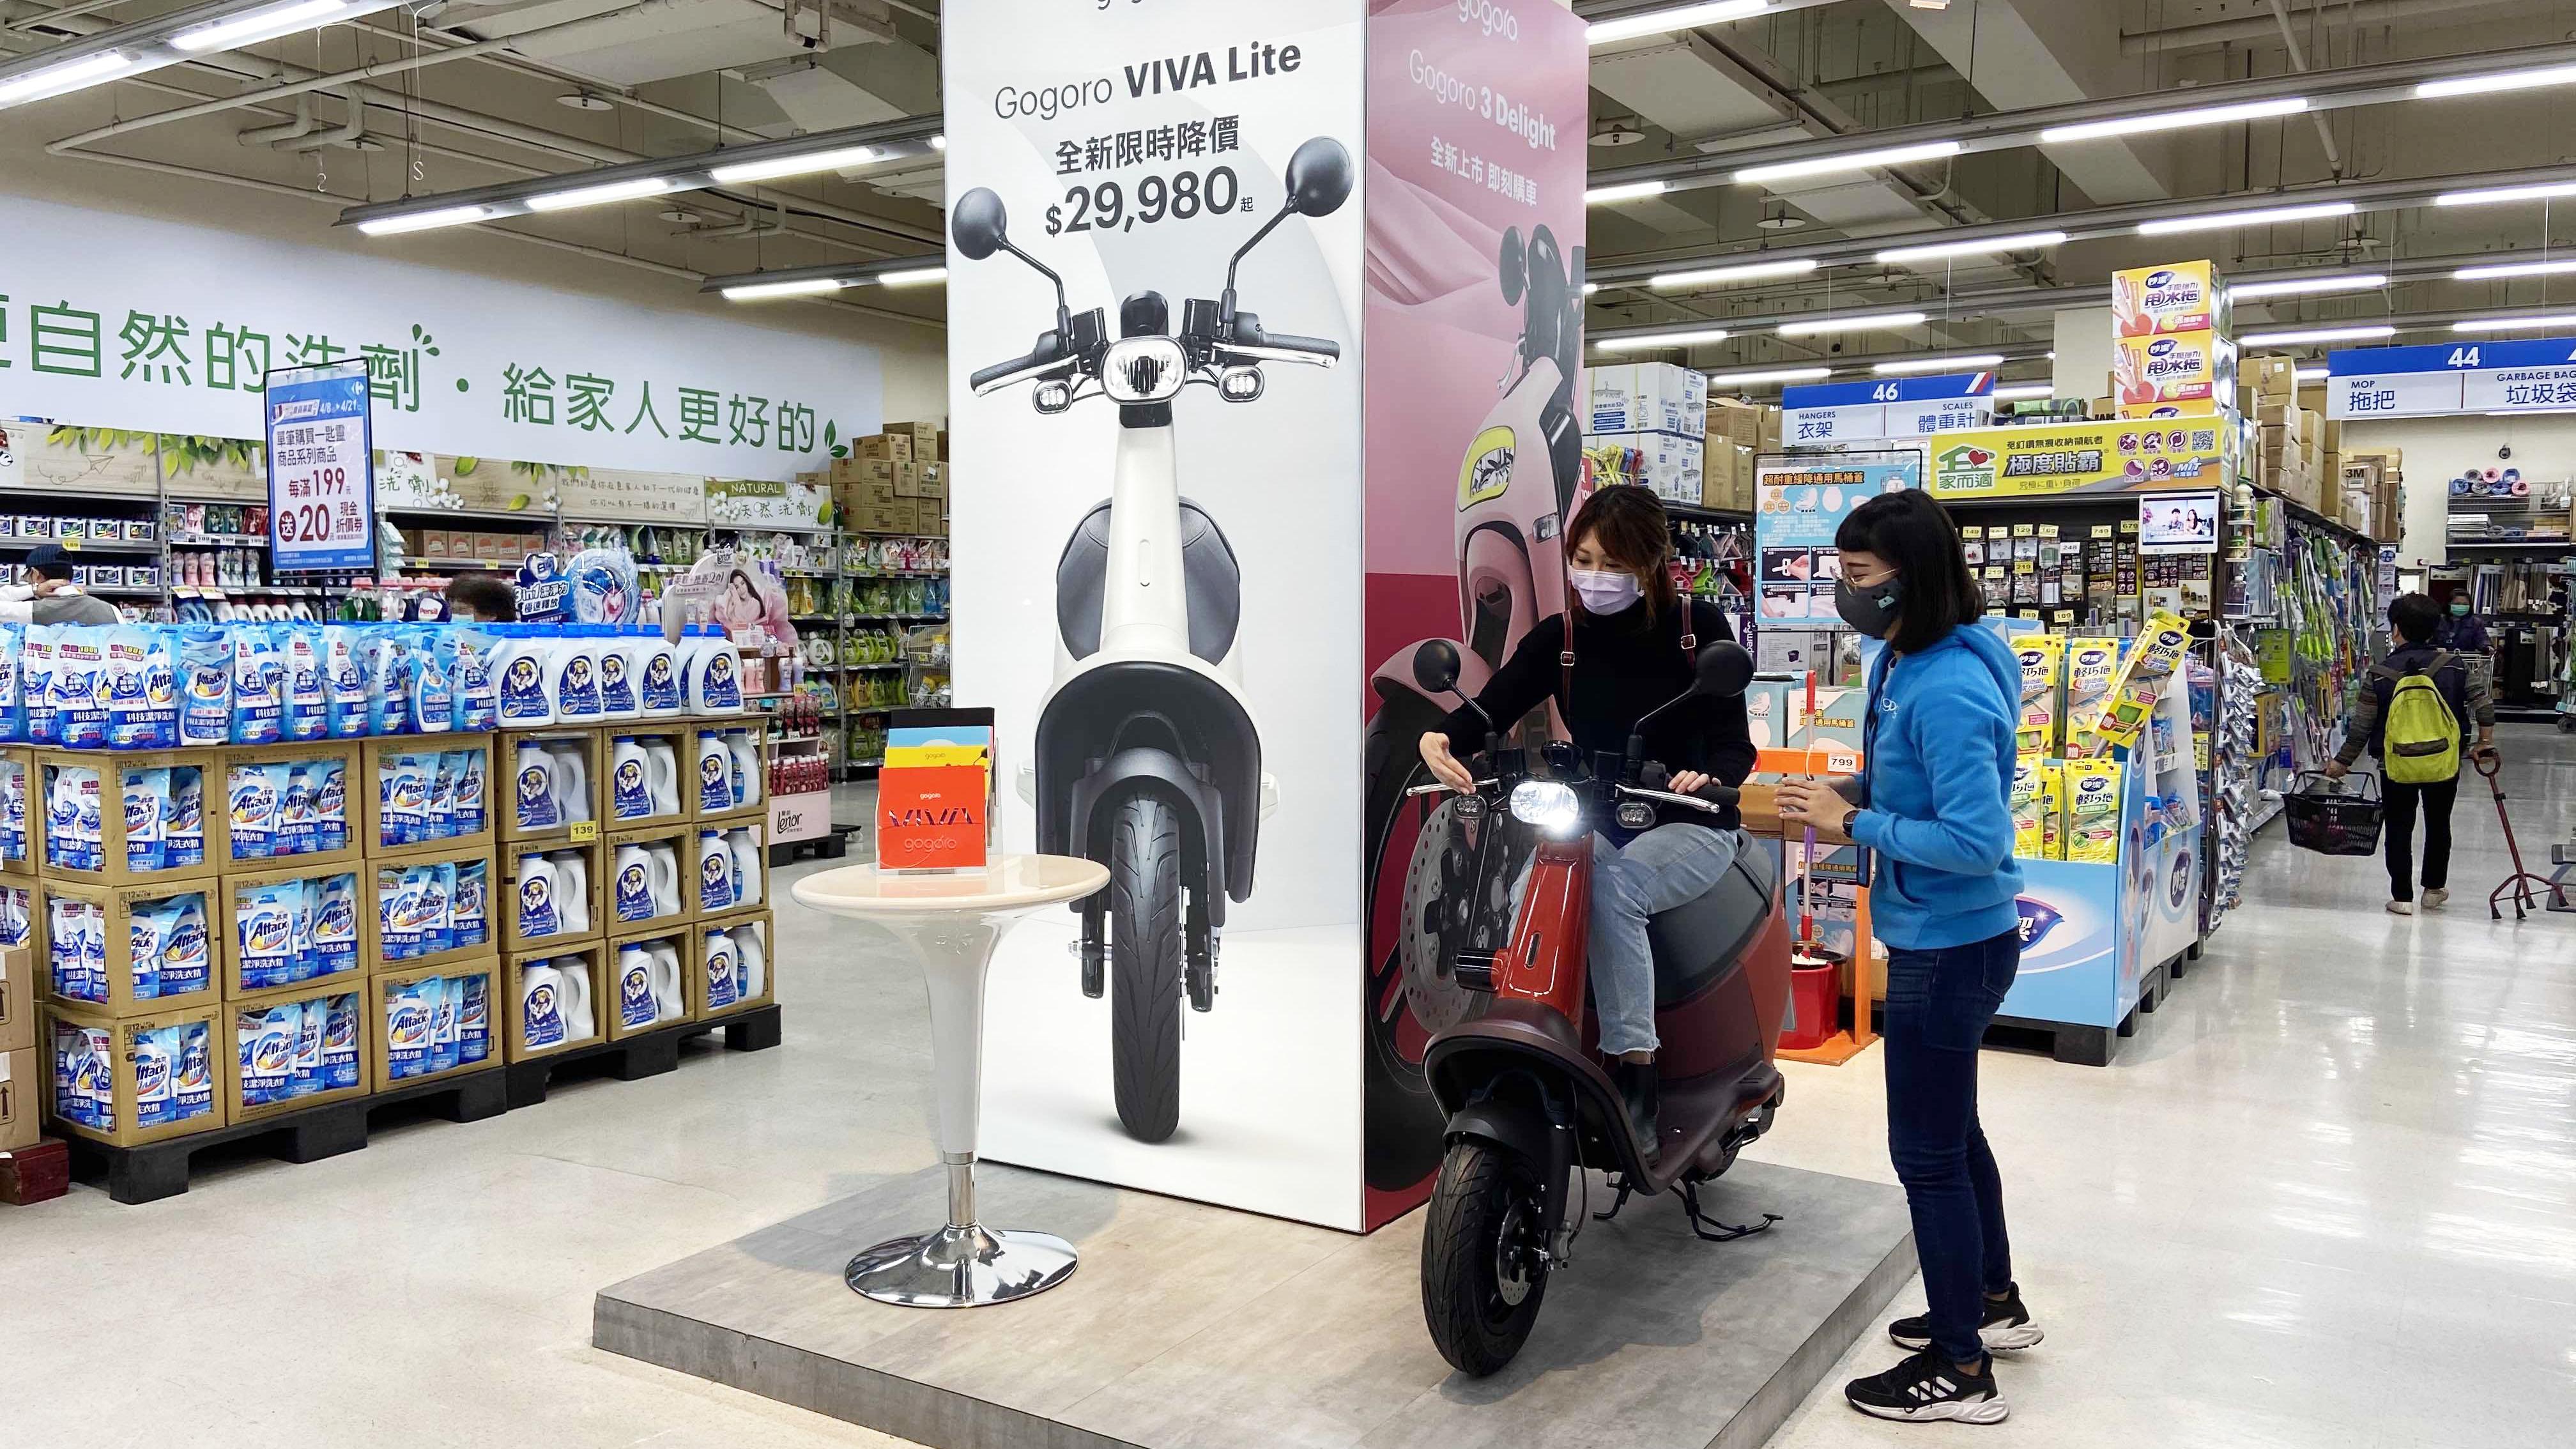 Gogoro VIVA Lite 最低 3 萬有找,大賣場、網路都能買